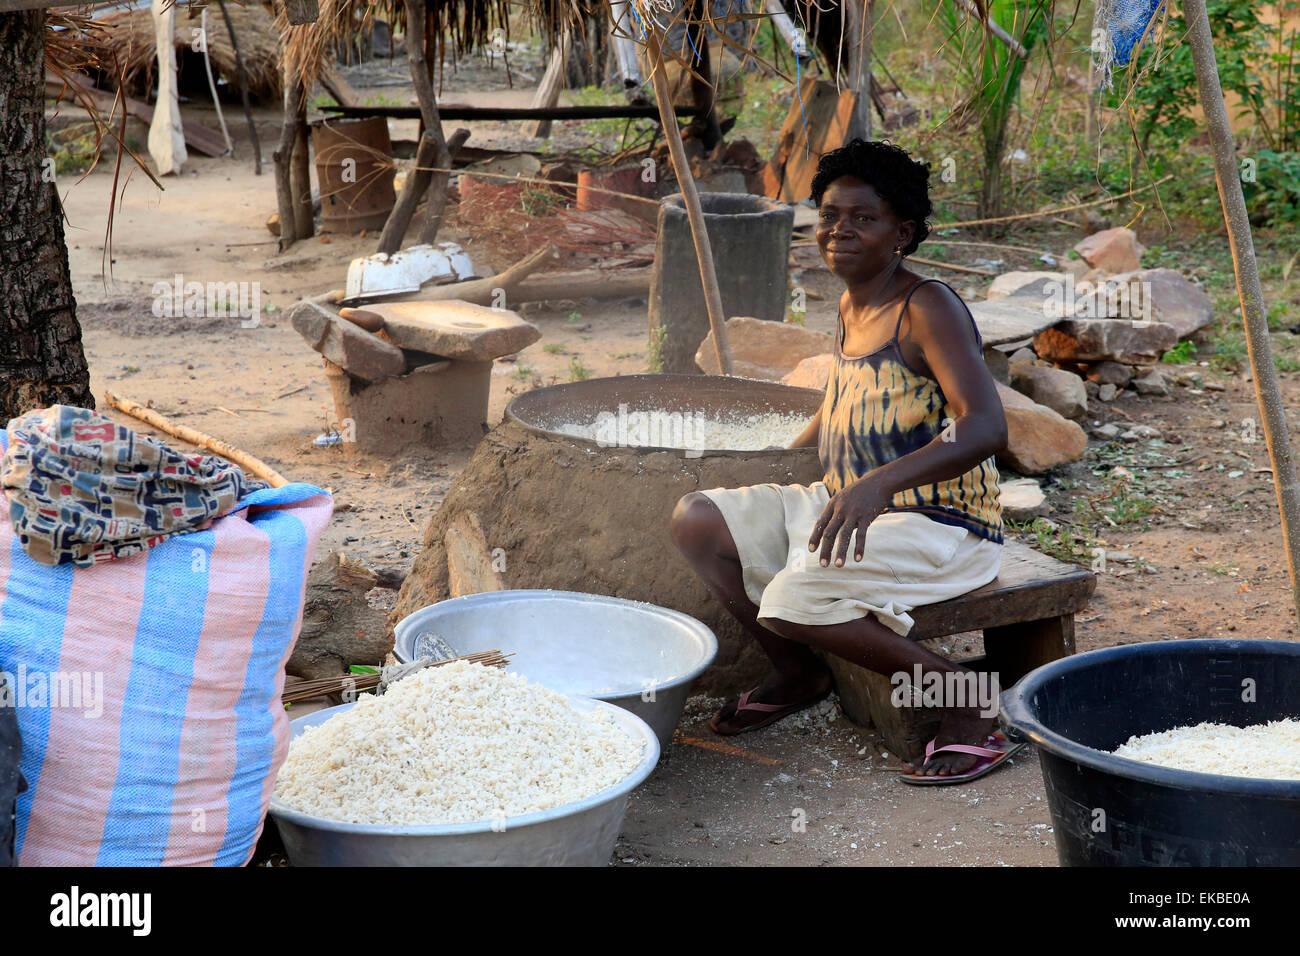 Le séchage du manioc dans le village africain de datcha, Togo, Afrique de l'Ouest, l'Afrique Photo Stock